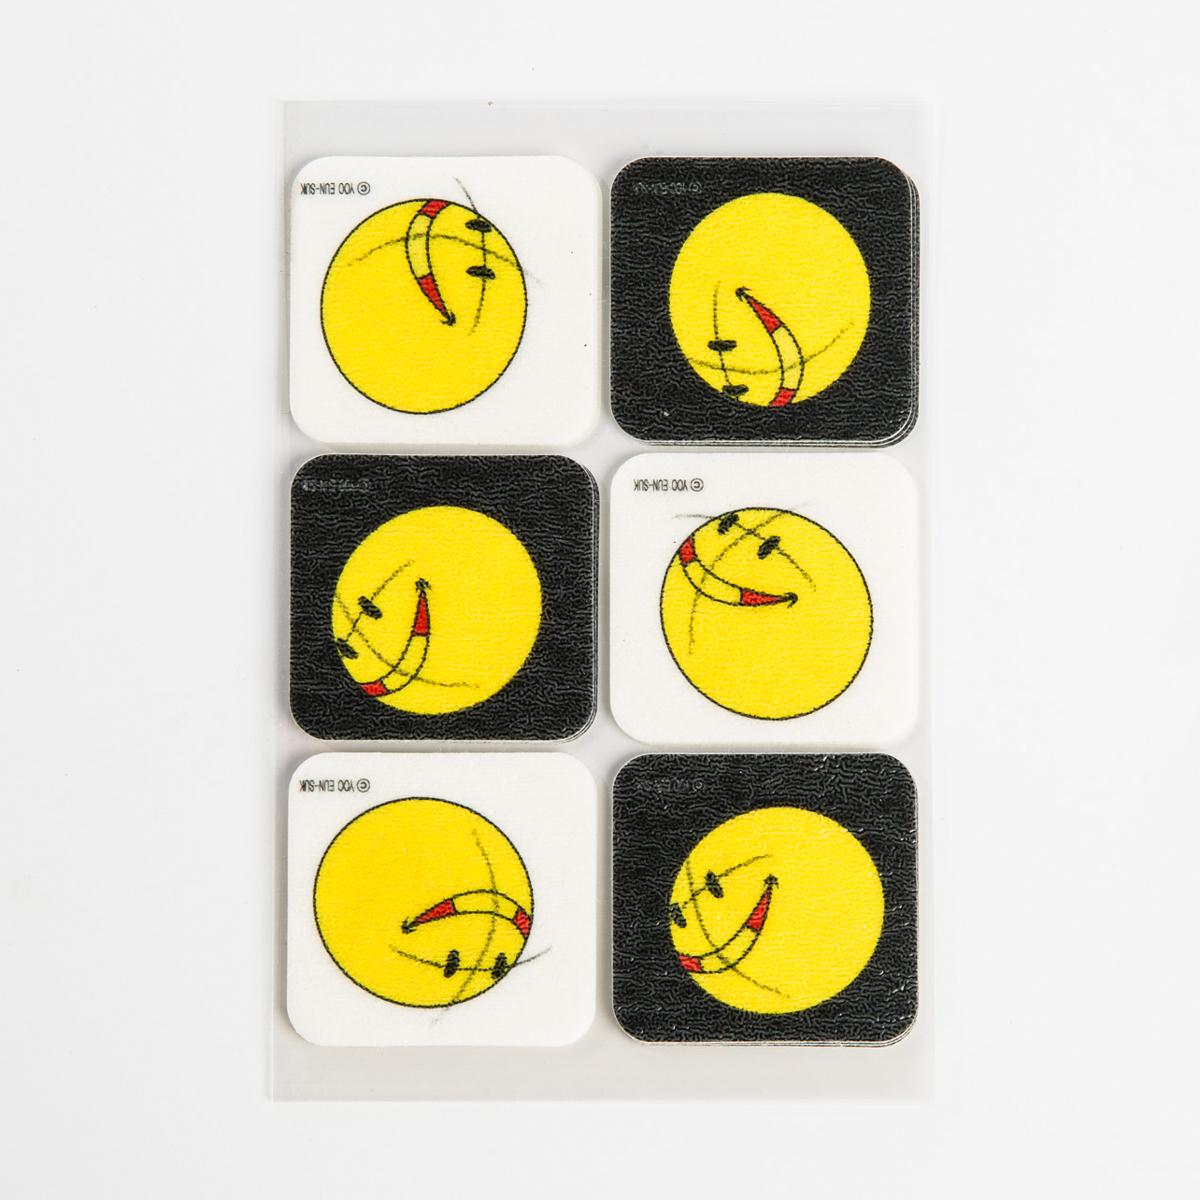 韩国原产summerpatch卡通驱蚊贴防蚊贴大笑的黄脸娃娃 18枚